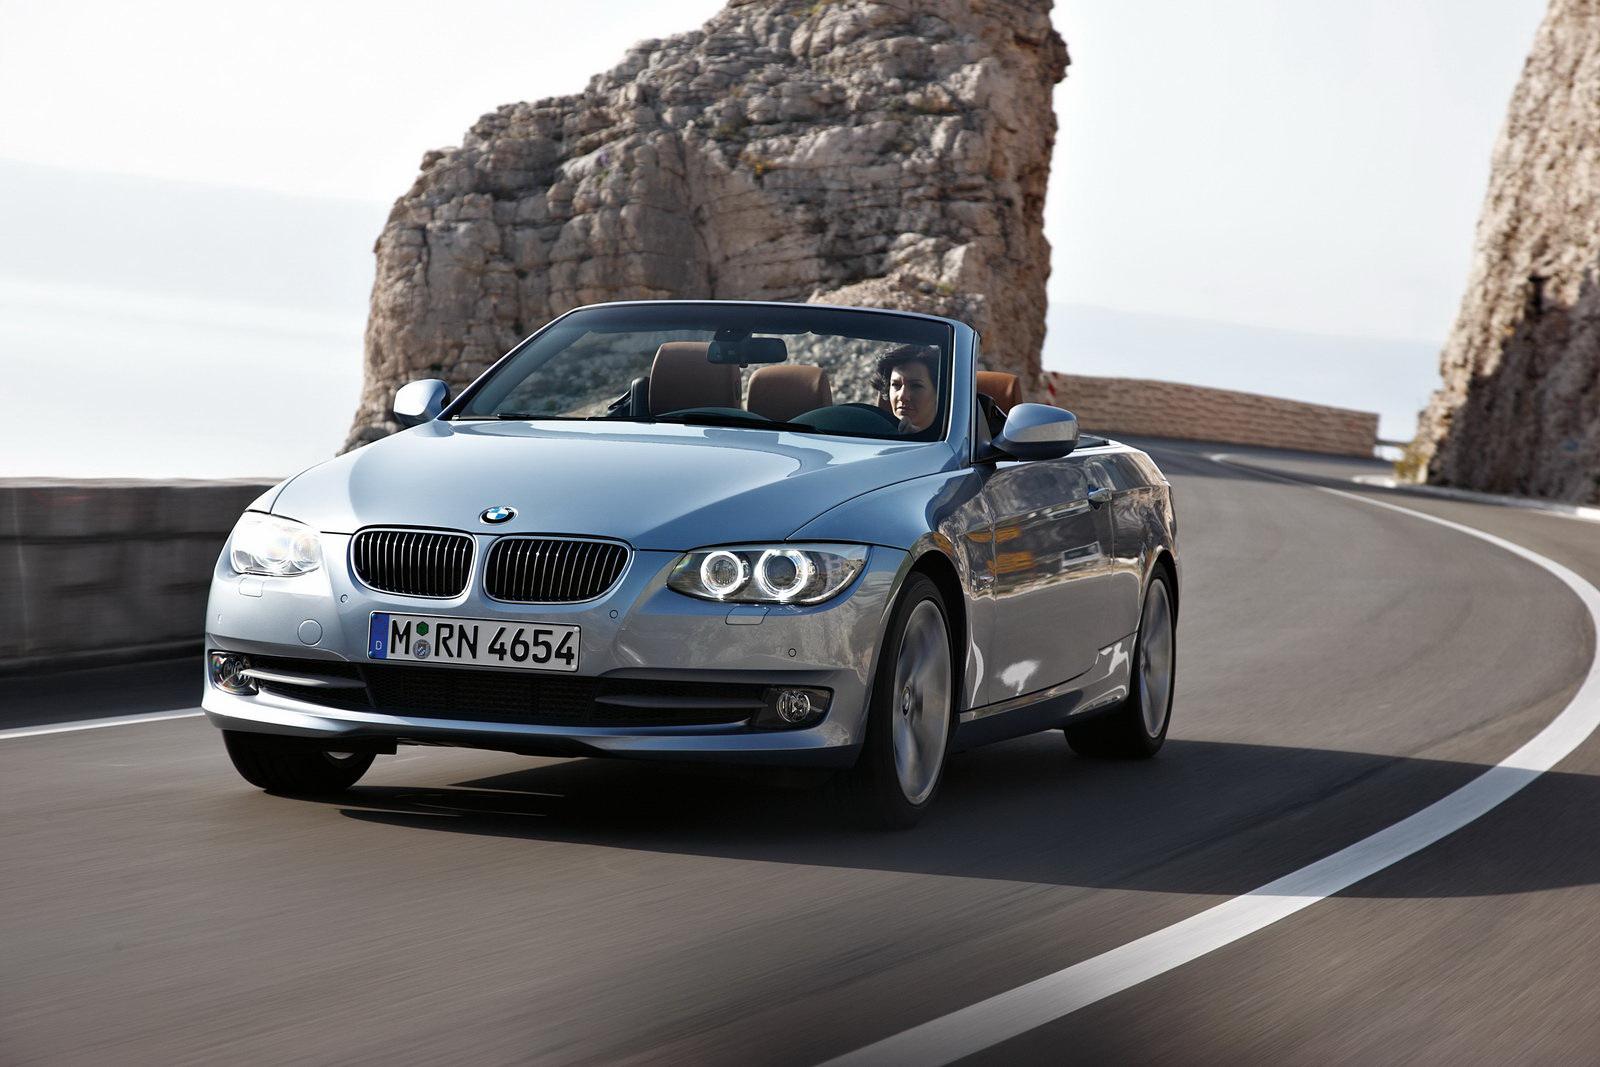 2011 E93 BMW Convertible Pics